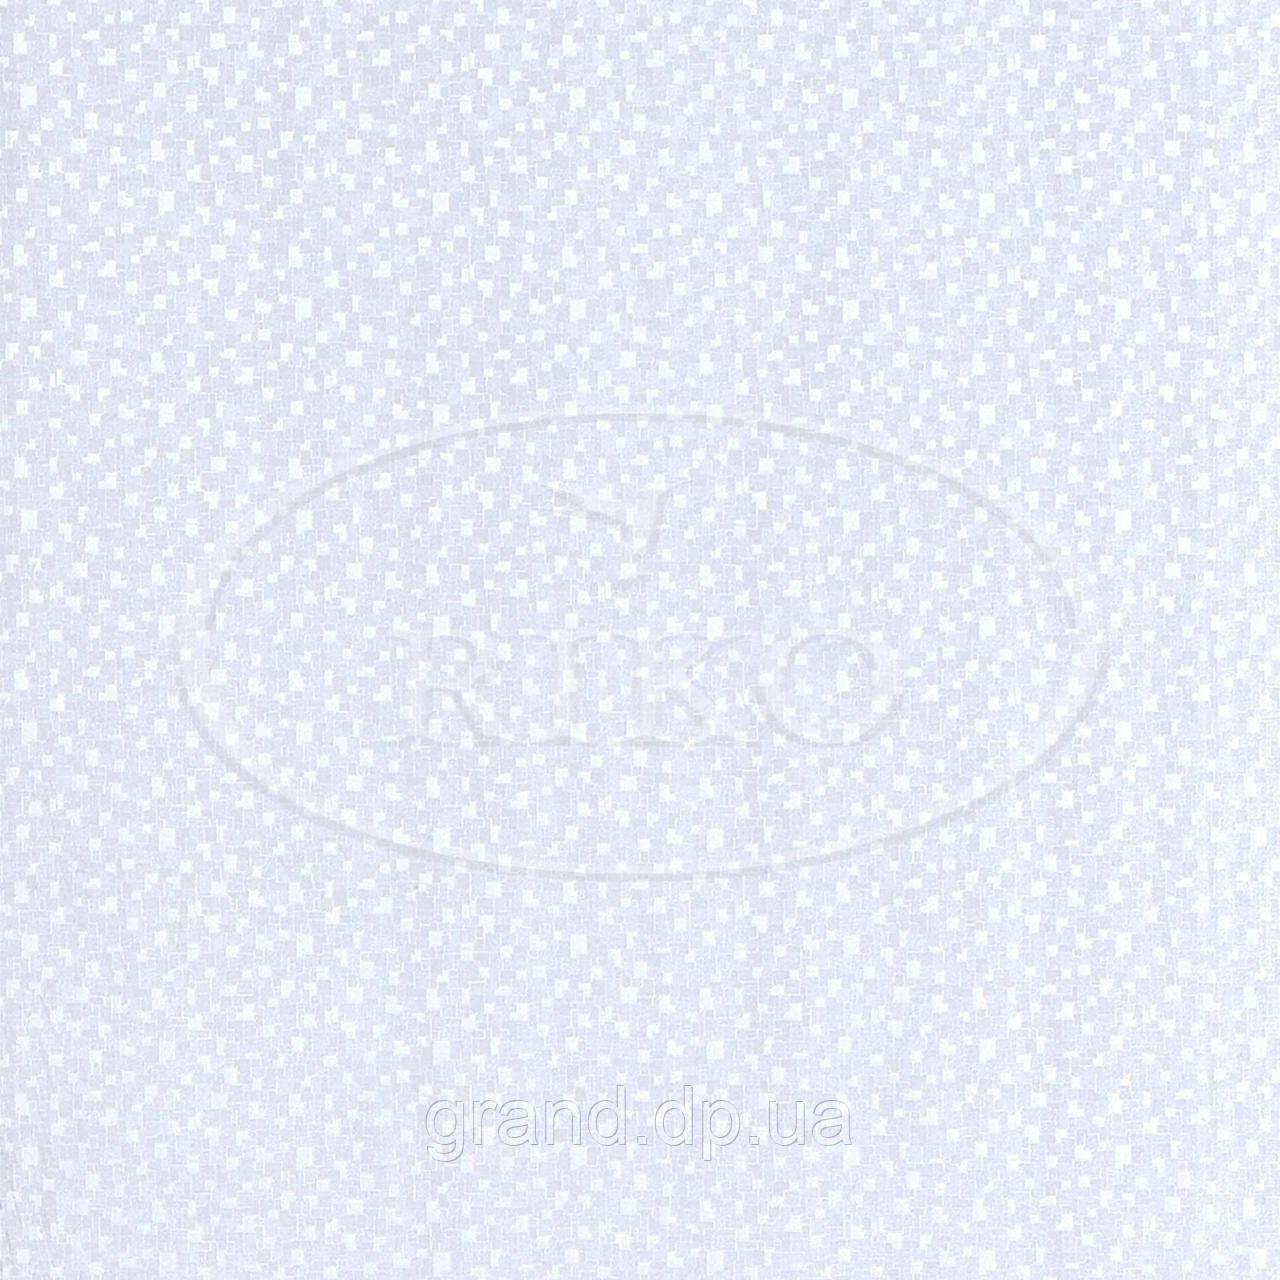 Пластиковые декоративные ламинированные бесшовные панели ПВХ Рико(Riko) 250*8*2700мм Пиксель с ламинацией